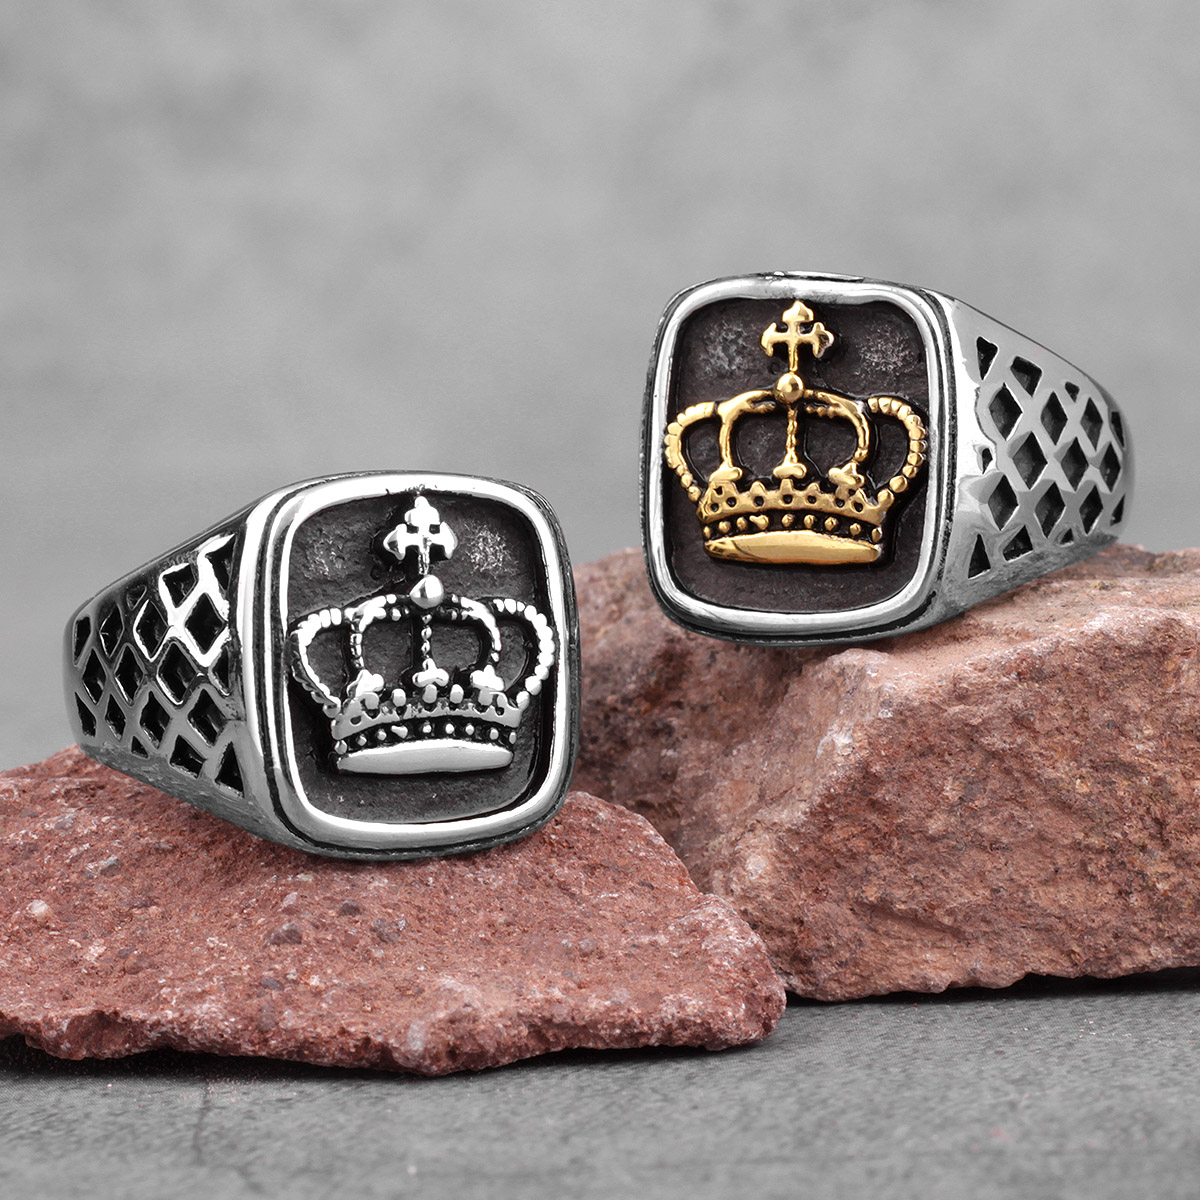 Taç altın gümüş renk erkek yüzük Punk Hip Hop moda serin erkek için erkek paslanmaz çelik takı yaratıcılık hediye toptan